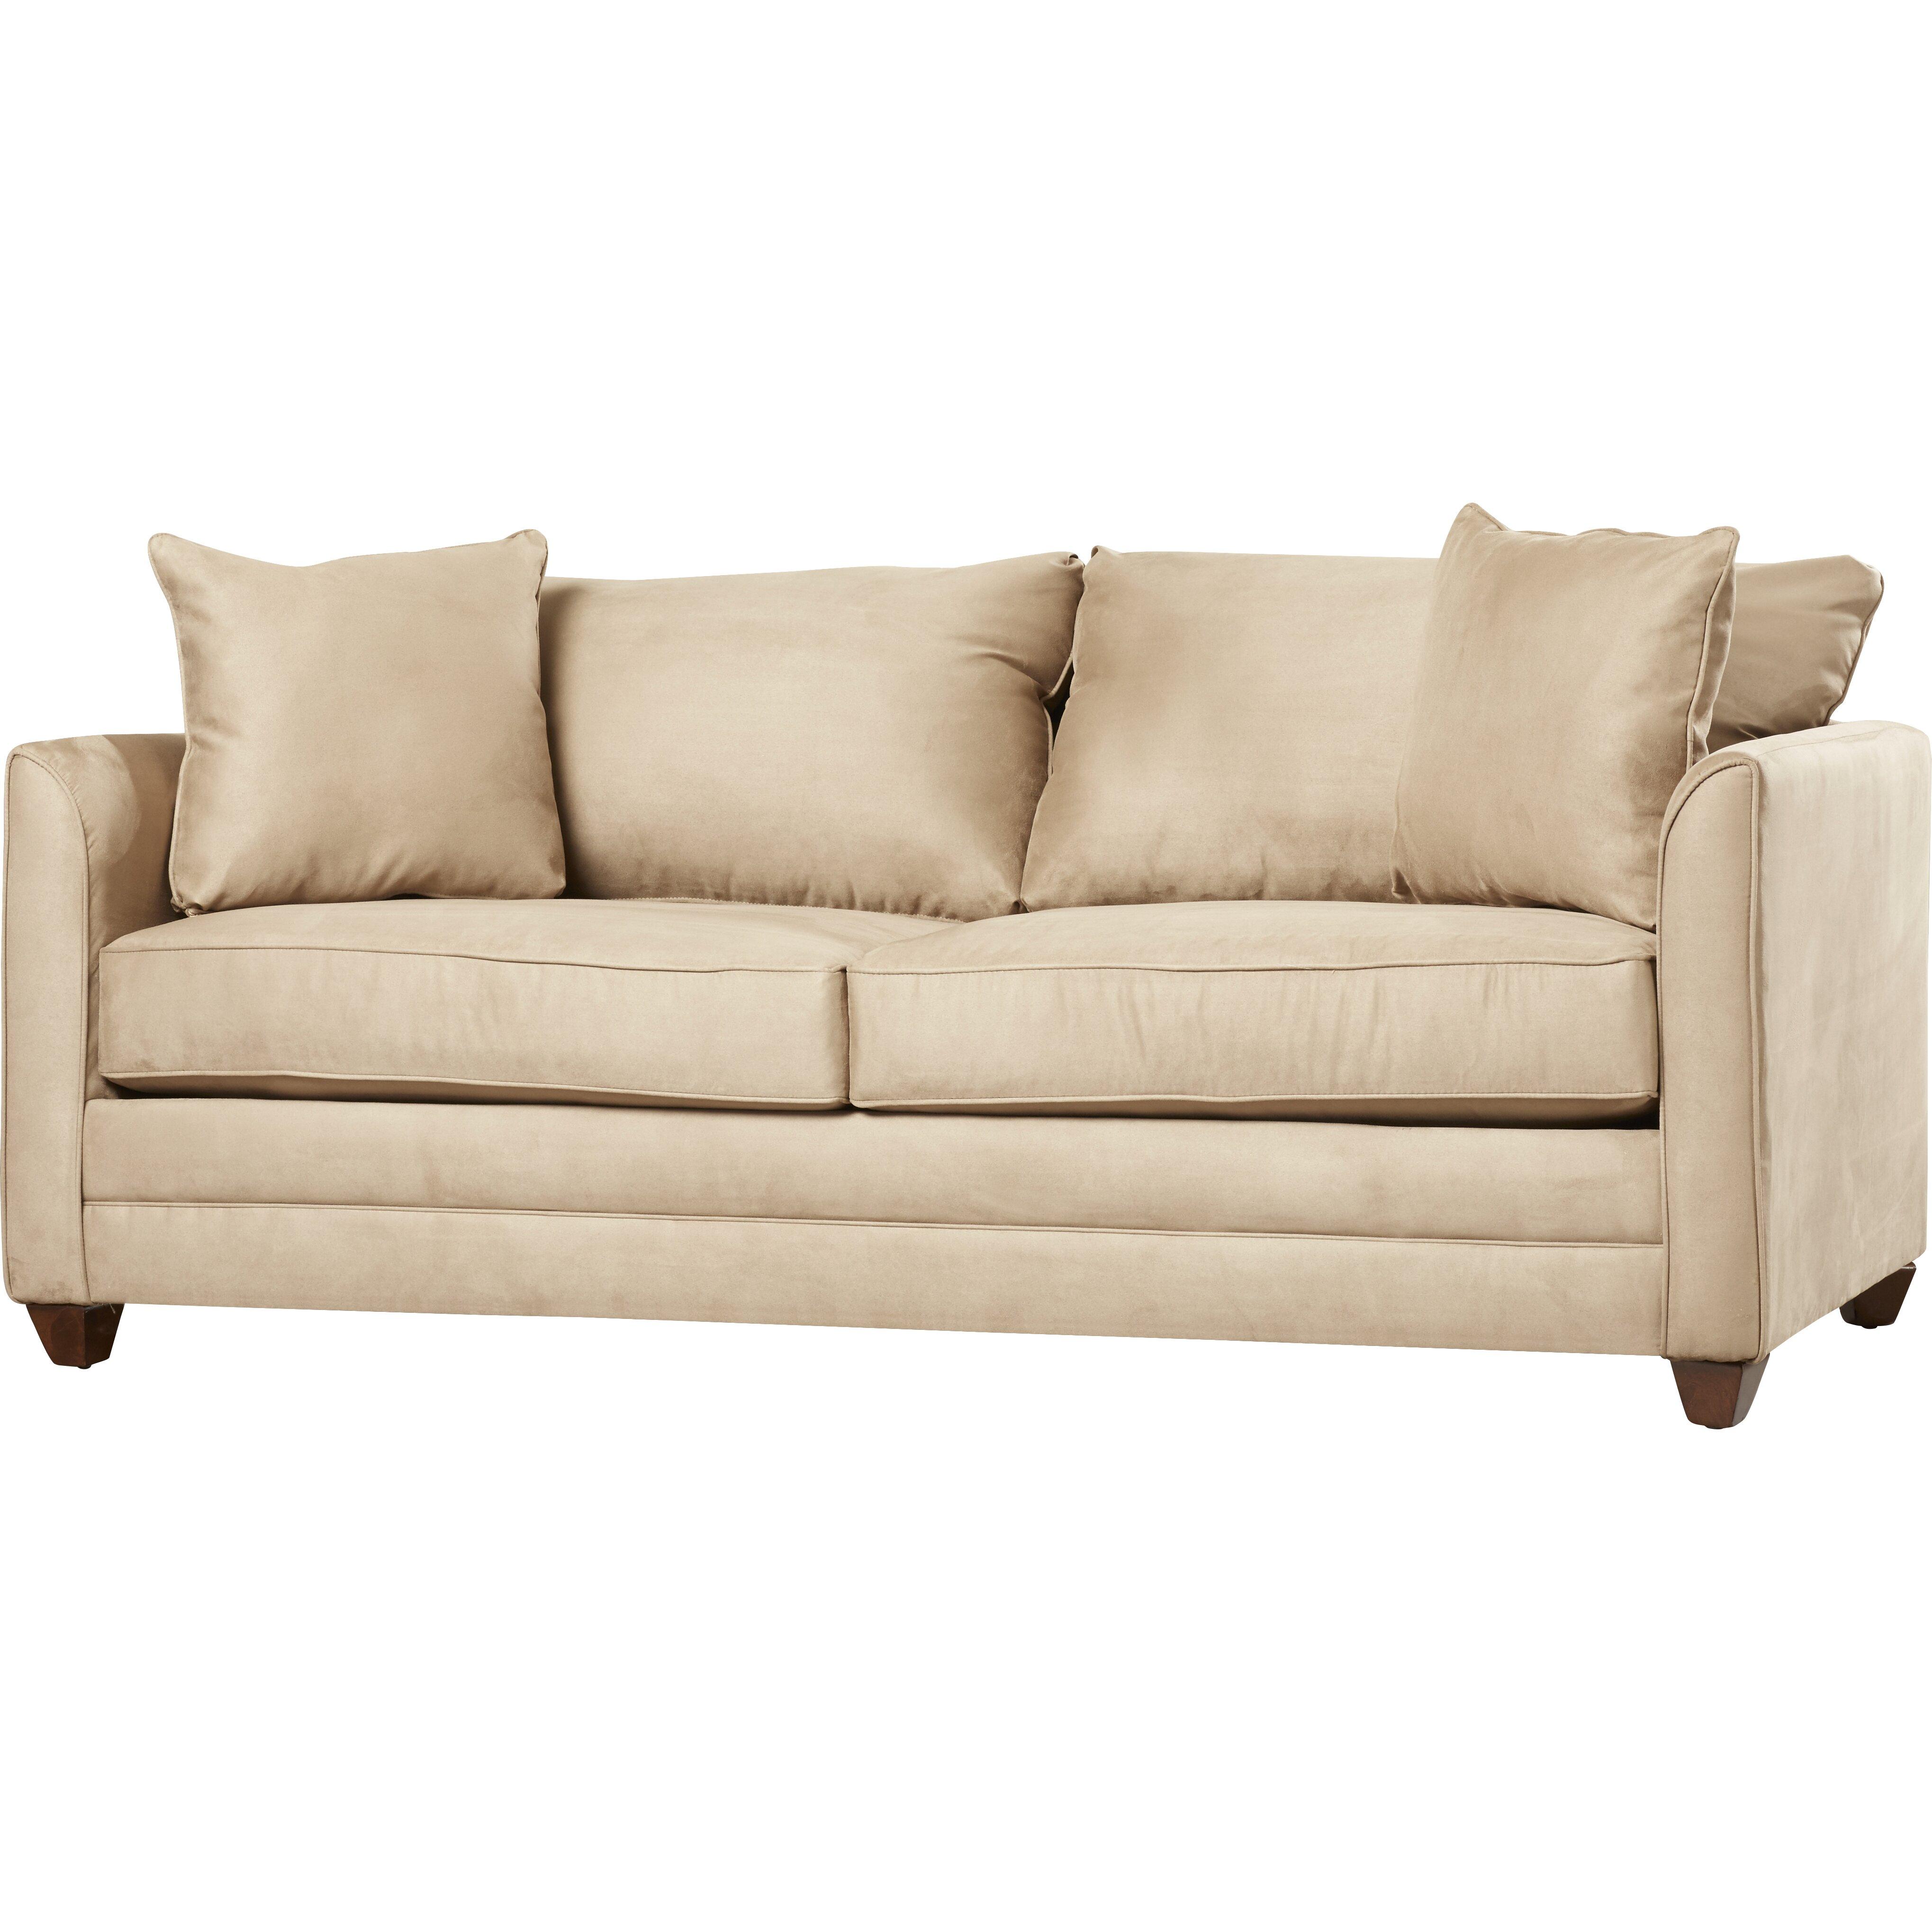 brayden studio aristocles innerspring queen sleeper sofa